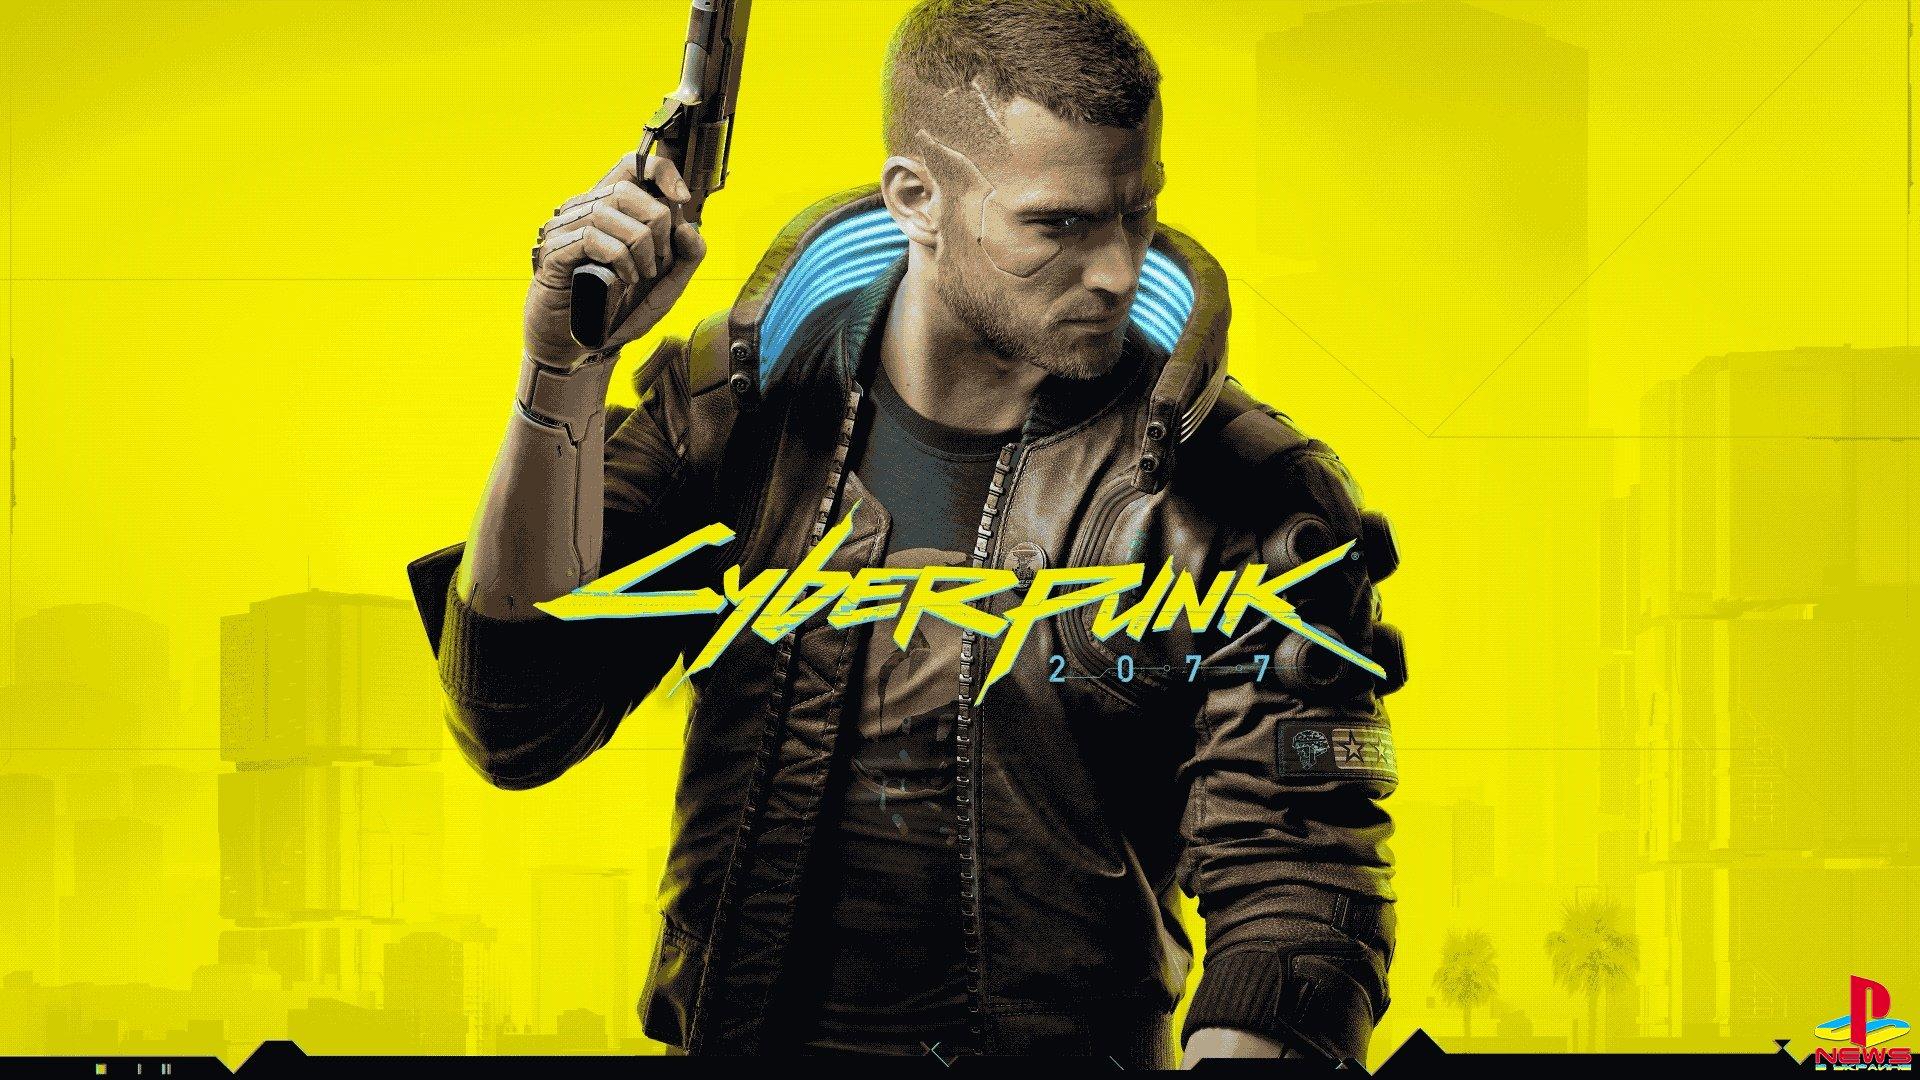 Покупатели Cyberpunk 2077 получат бесплатное издание дл ...